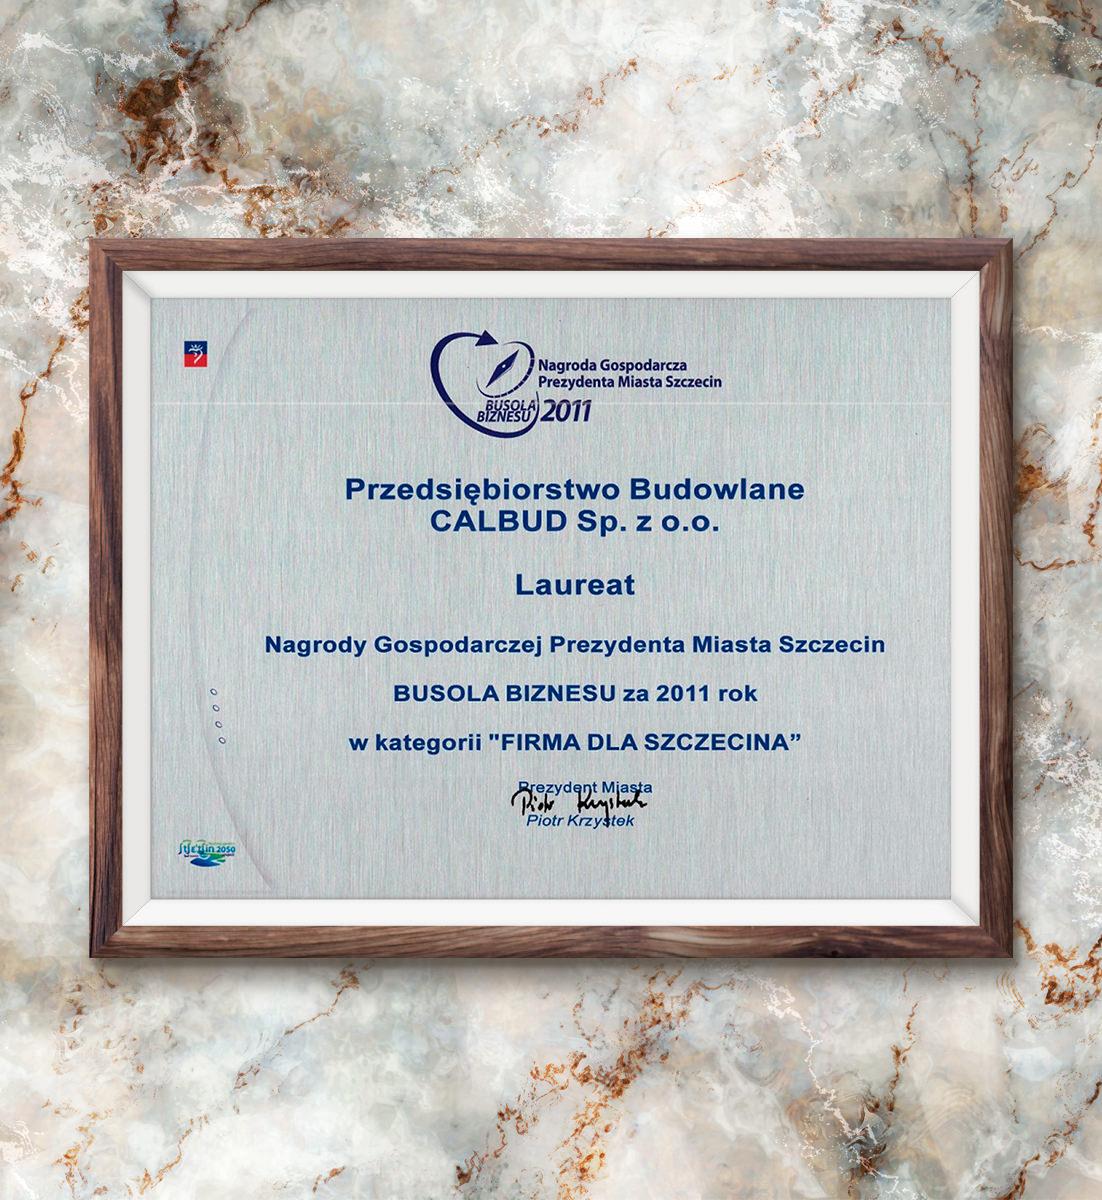 Busola Biznesu za 2011 rok - laureat w kategorii